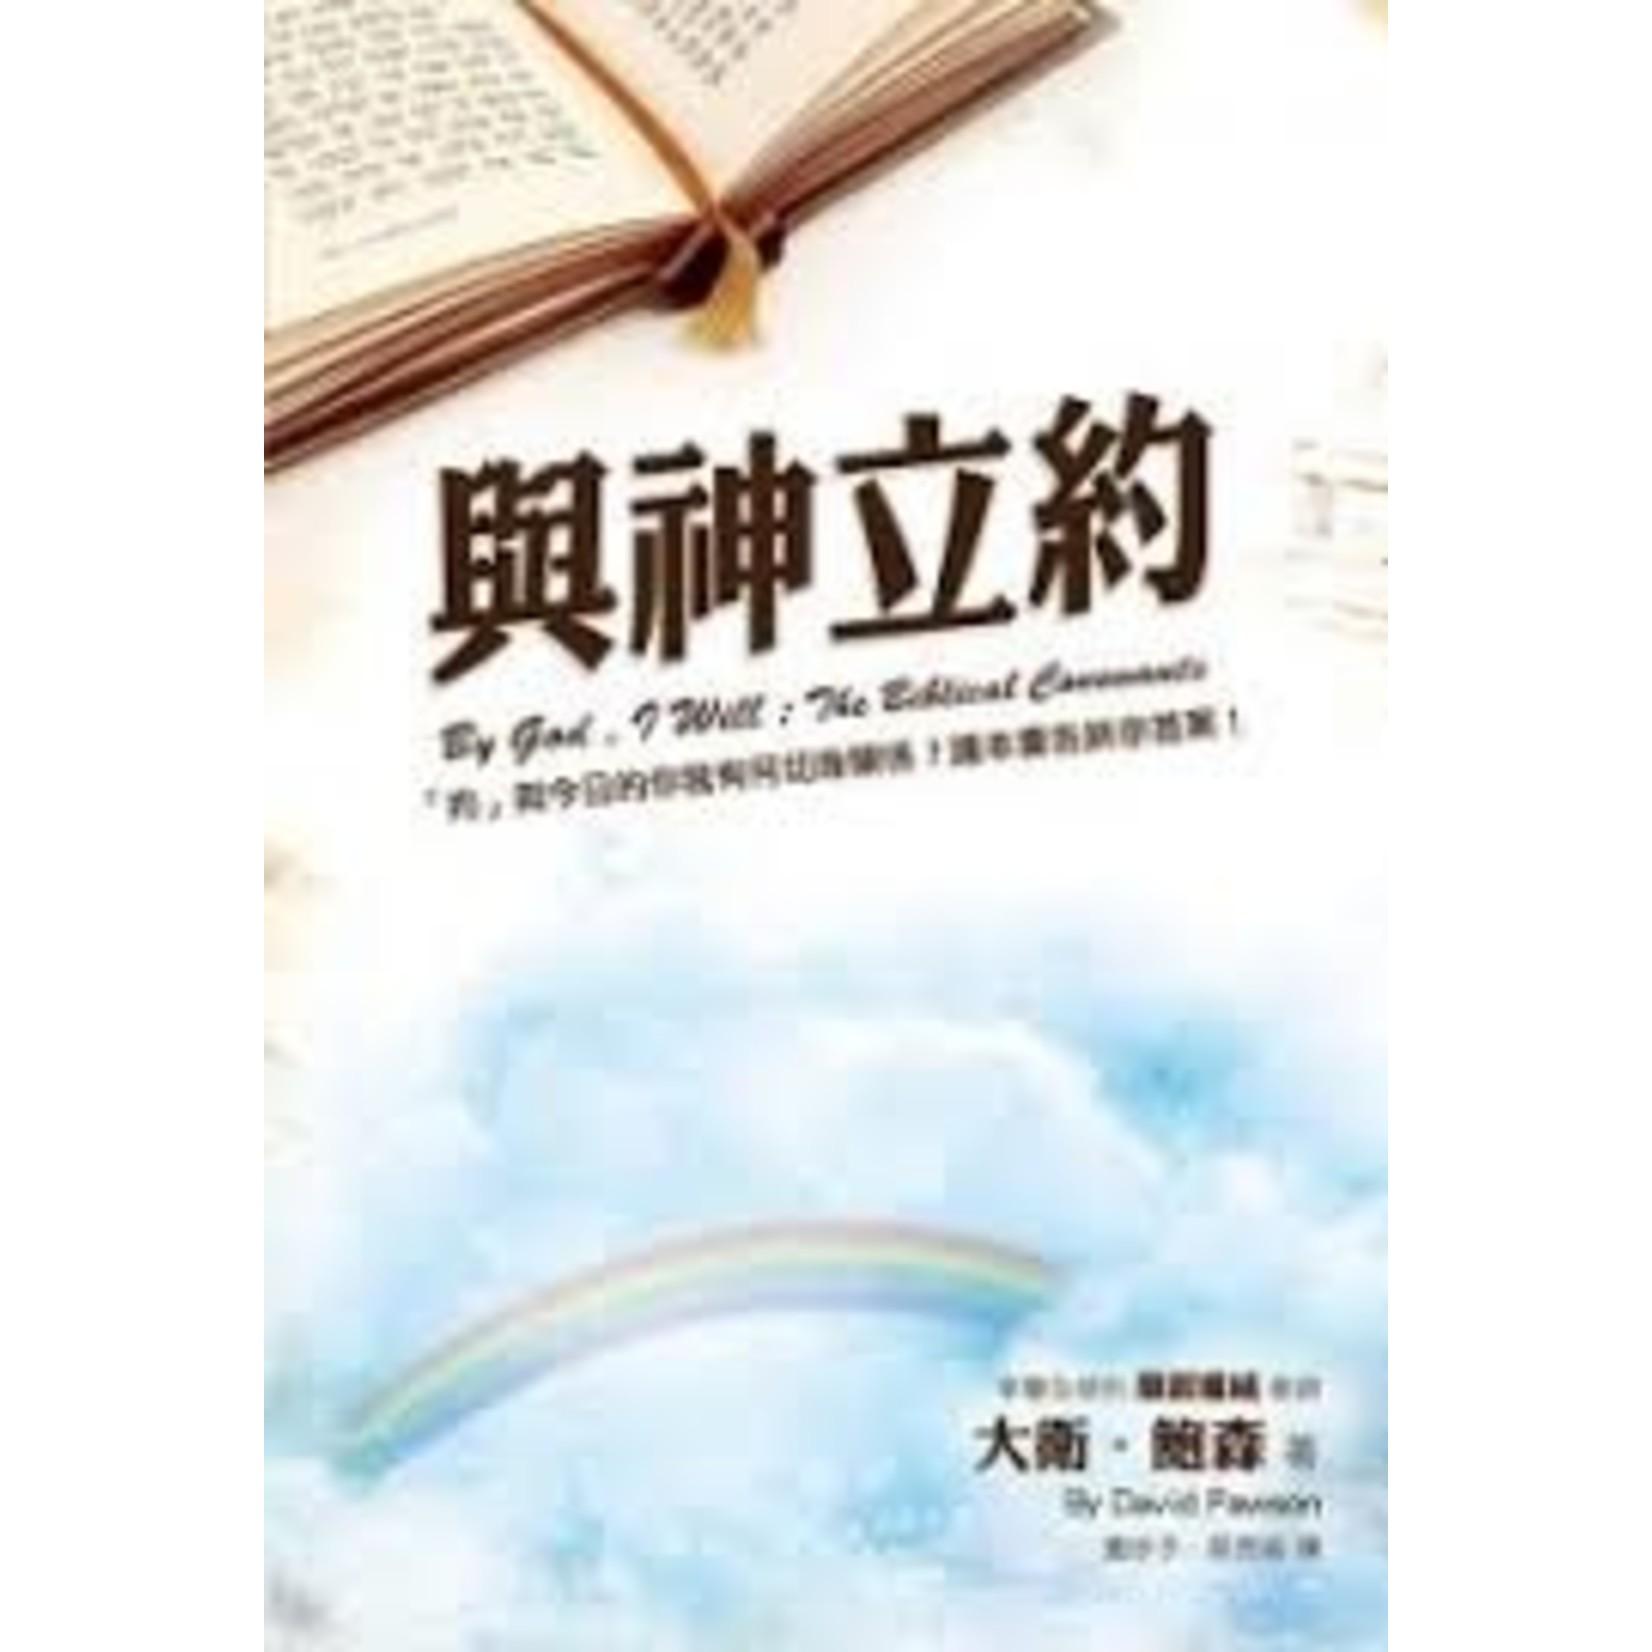 以琳 Elim (TW) 與神立約 By God, I Will: The Biblical Covenants